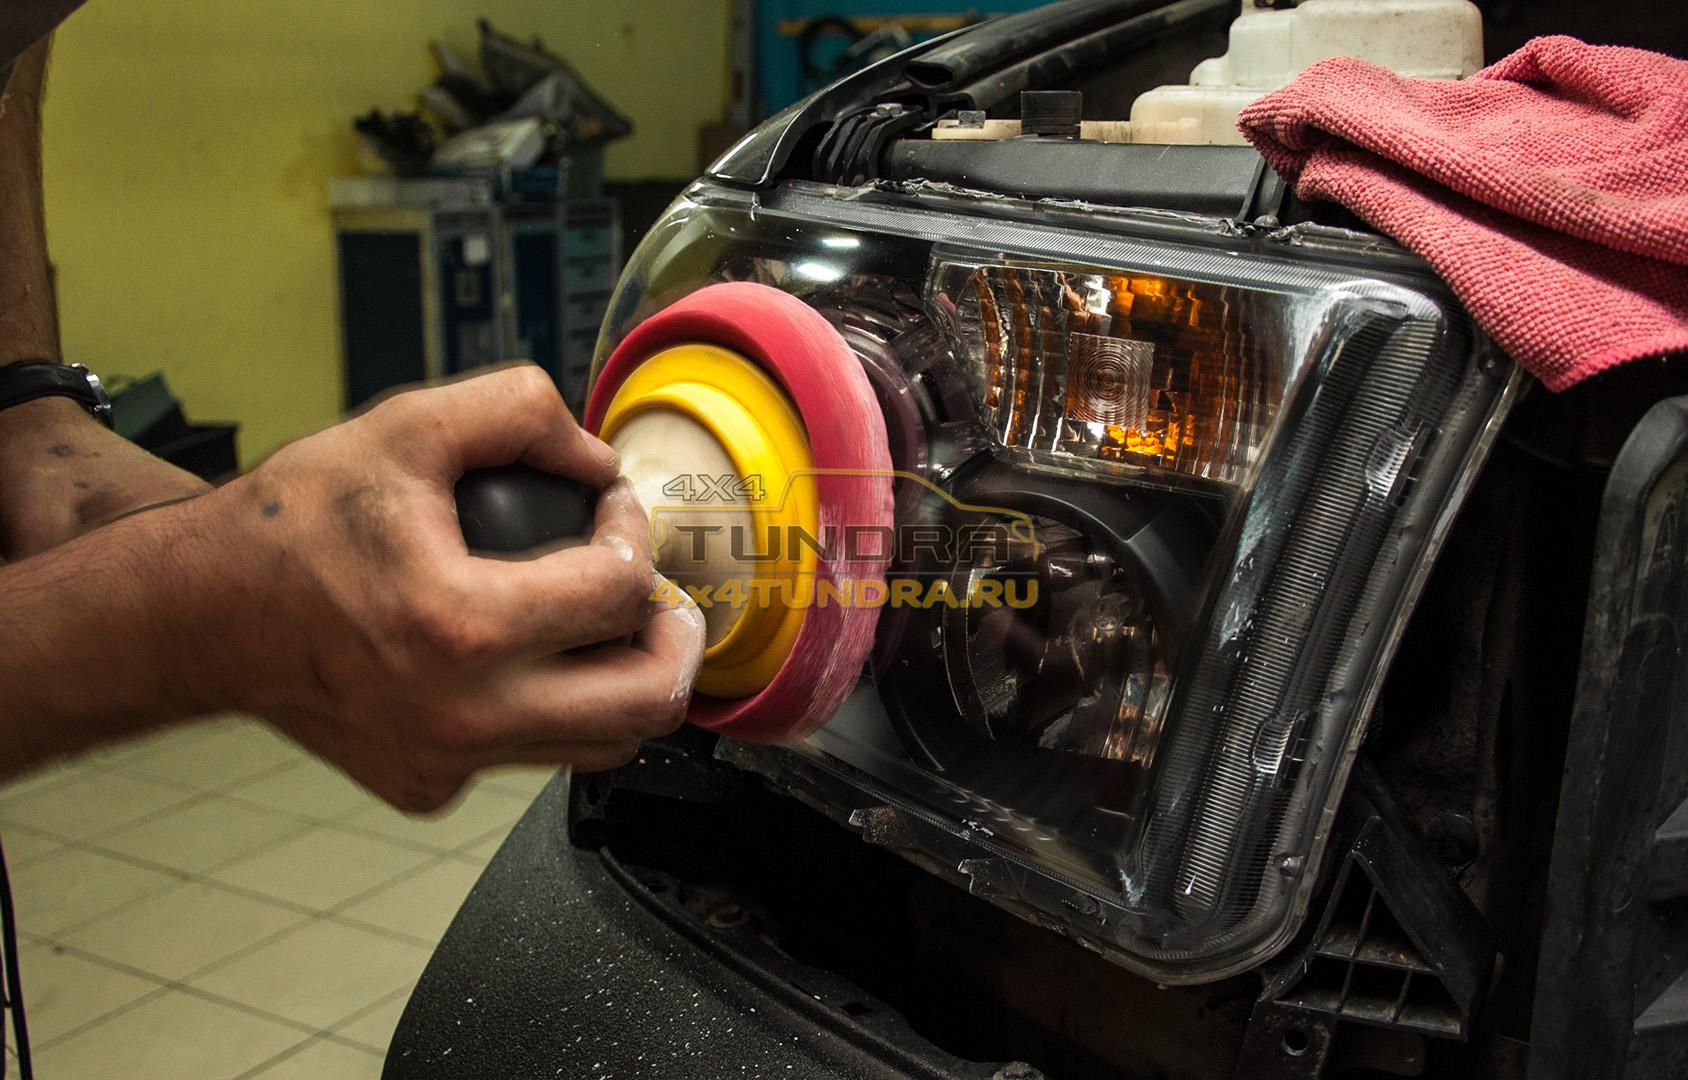 Toyota-Tundra-headlights-hella-xenon-lens-4